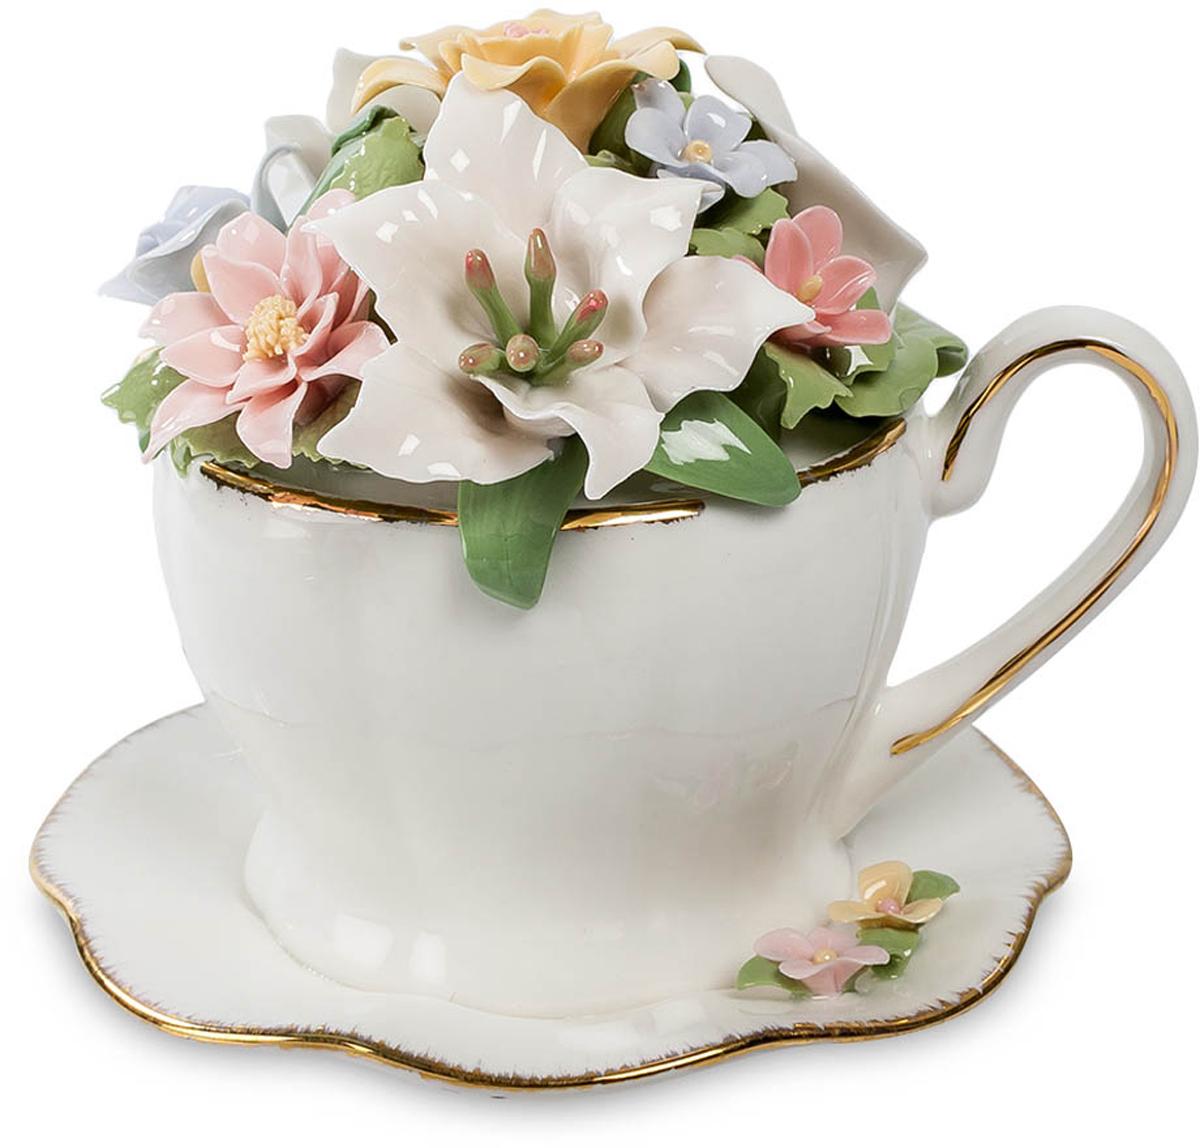 Музыкальная композиция Pavone Чашка с цветами. CMS-33/11CMS-33/11Музыкальная композиция Чашка с цветами (Pavone) Из этой красивой чашки с позолоченными краями чаю не напиться. Все место внутри чайки занято цветами. Не верится, что эти разноцветные лепестки выполнены из фарфора – настолько они тонкие и яркие, как будто живые. Так что место для этой чашки с блюдечком и цветами – не на обеденном столе, а на полке с сувенирами. Такой своеобразный букет будет радовать круглый год, эти цветы не завянут никогда, каждый день и при любой погоде поднимая настроение. На день рождения любой женщине можно подарить букет живых цветов и такой вот букетик в чашке – на память. Один букет дополнит другой.